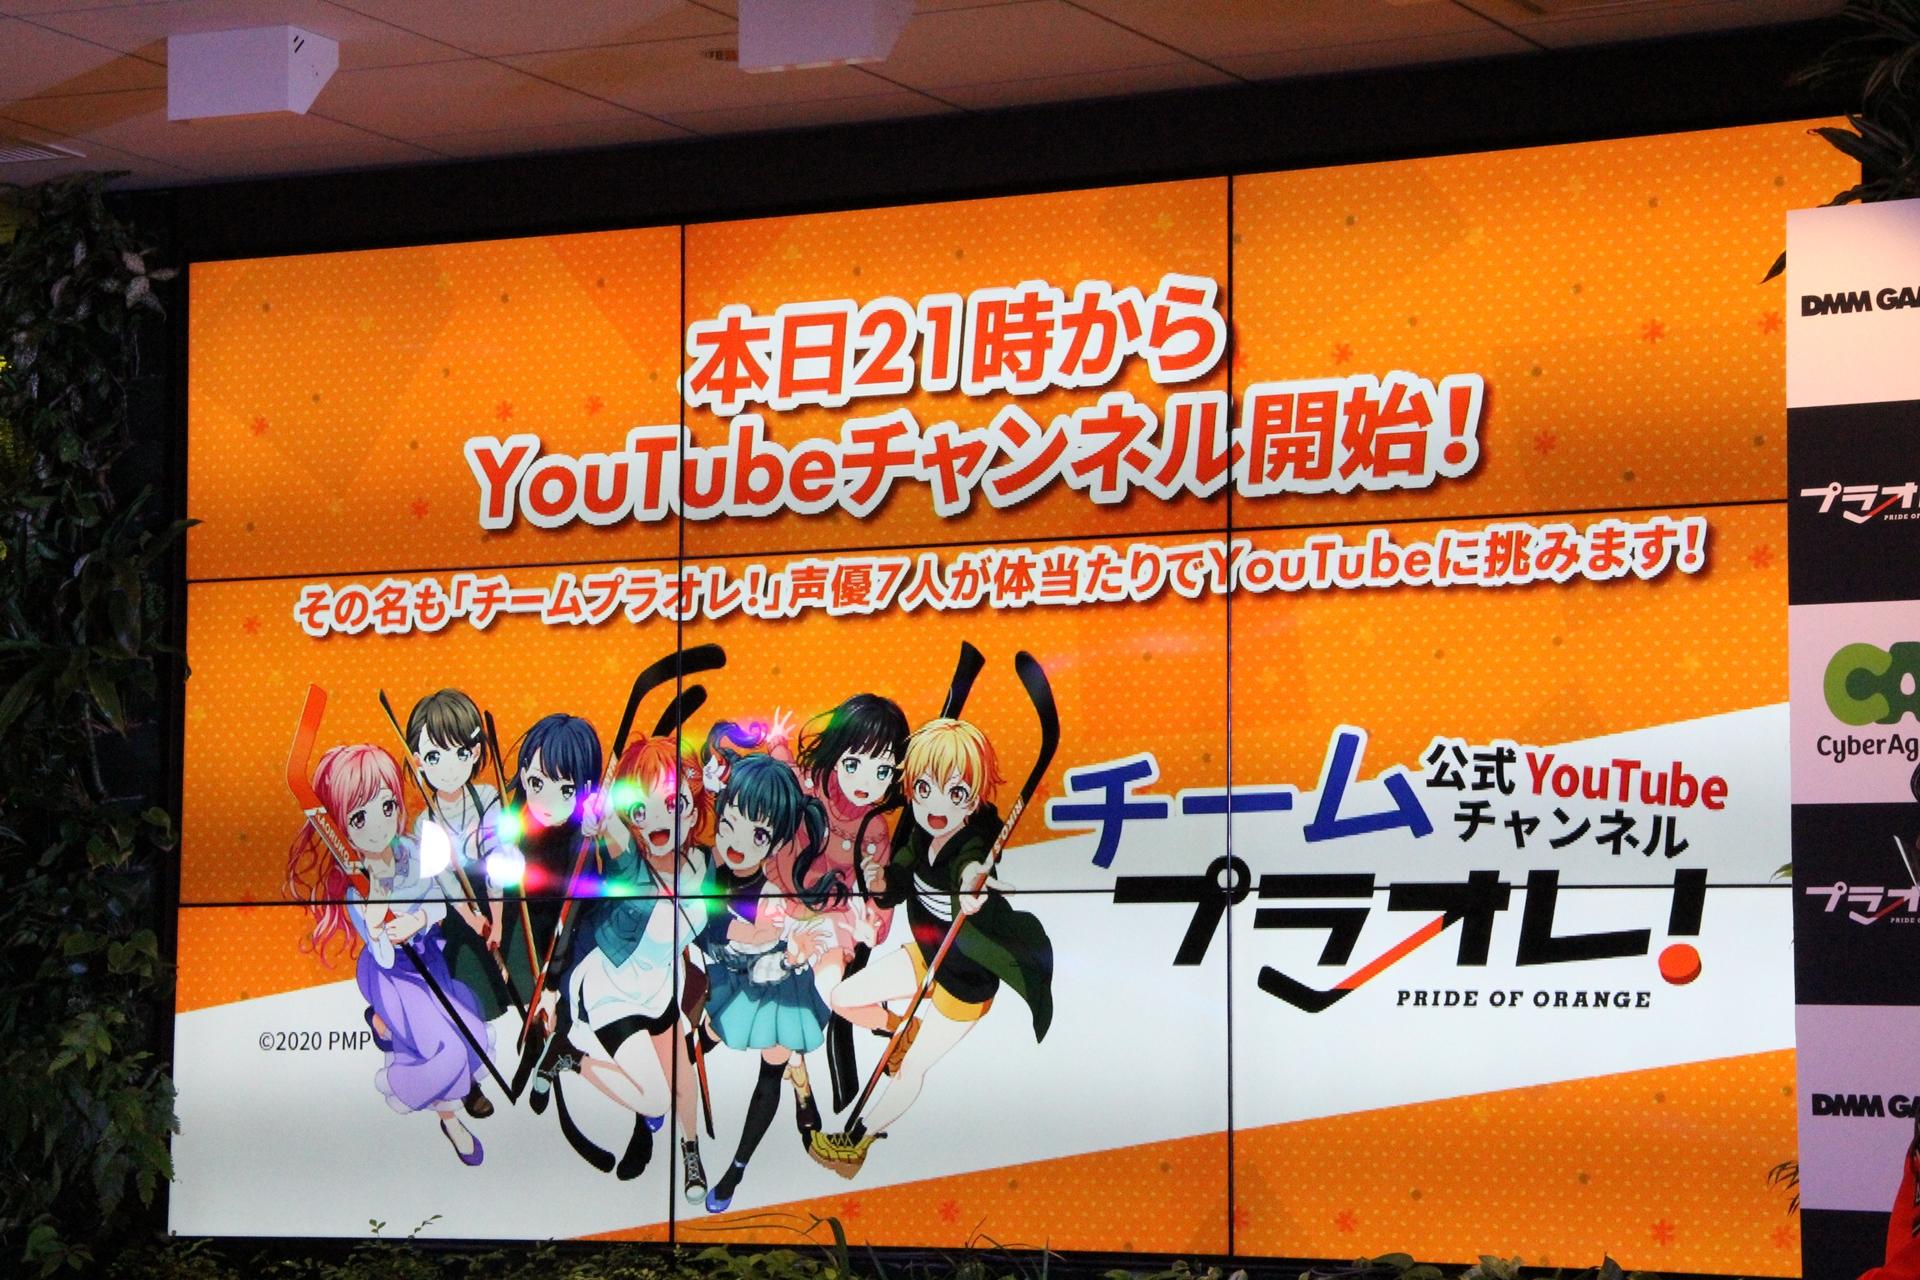 """12月11日の21時より、<a href=""""https://puraore.page.link/youtube/"""" class=""""n"""" target=""""_blank"""">公式YouTubeチャンネル「チームプラオレ!」</a>も始動した"""